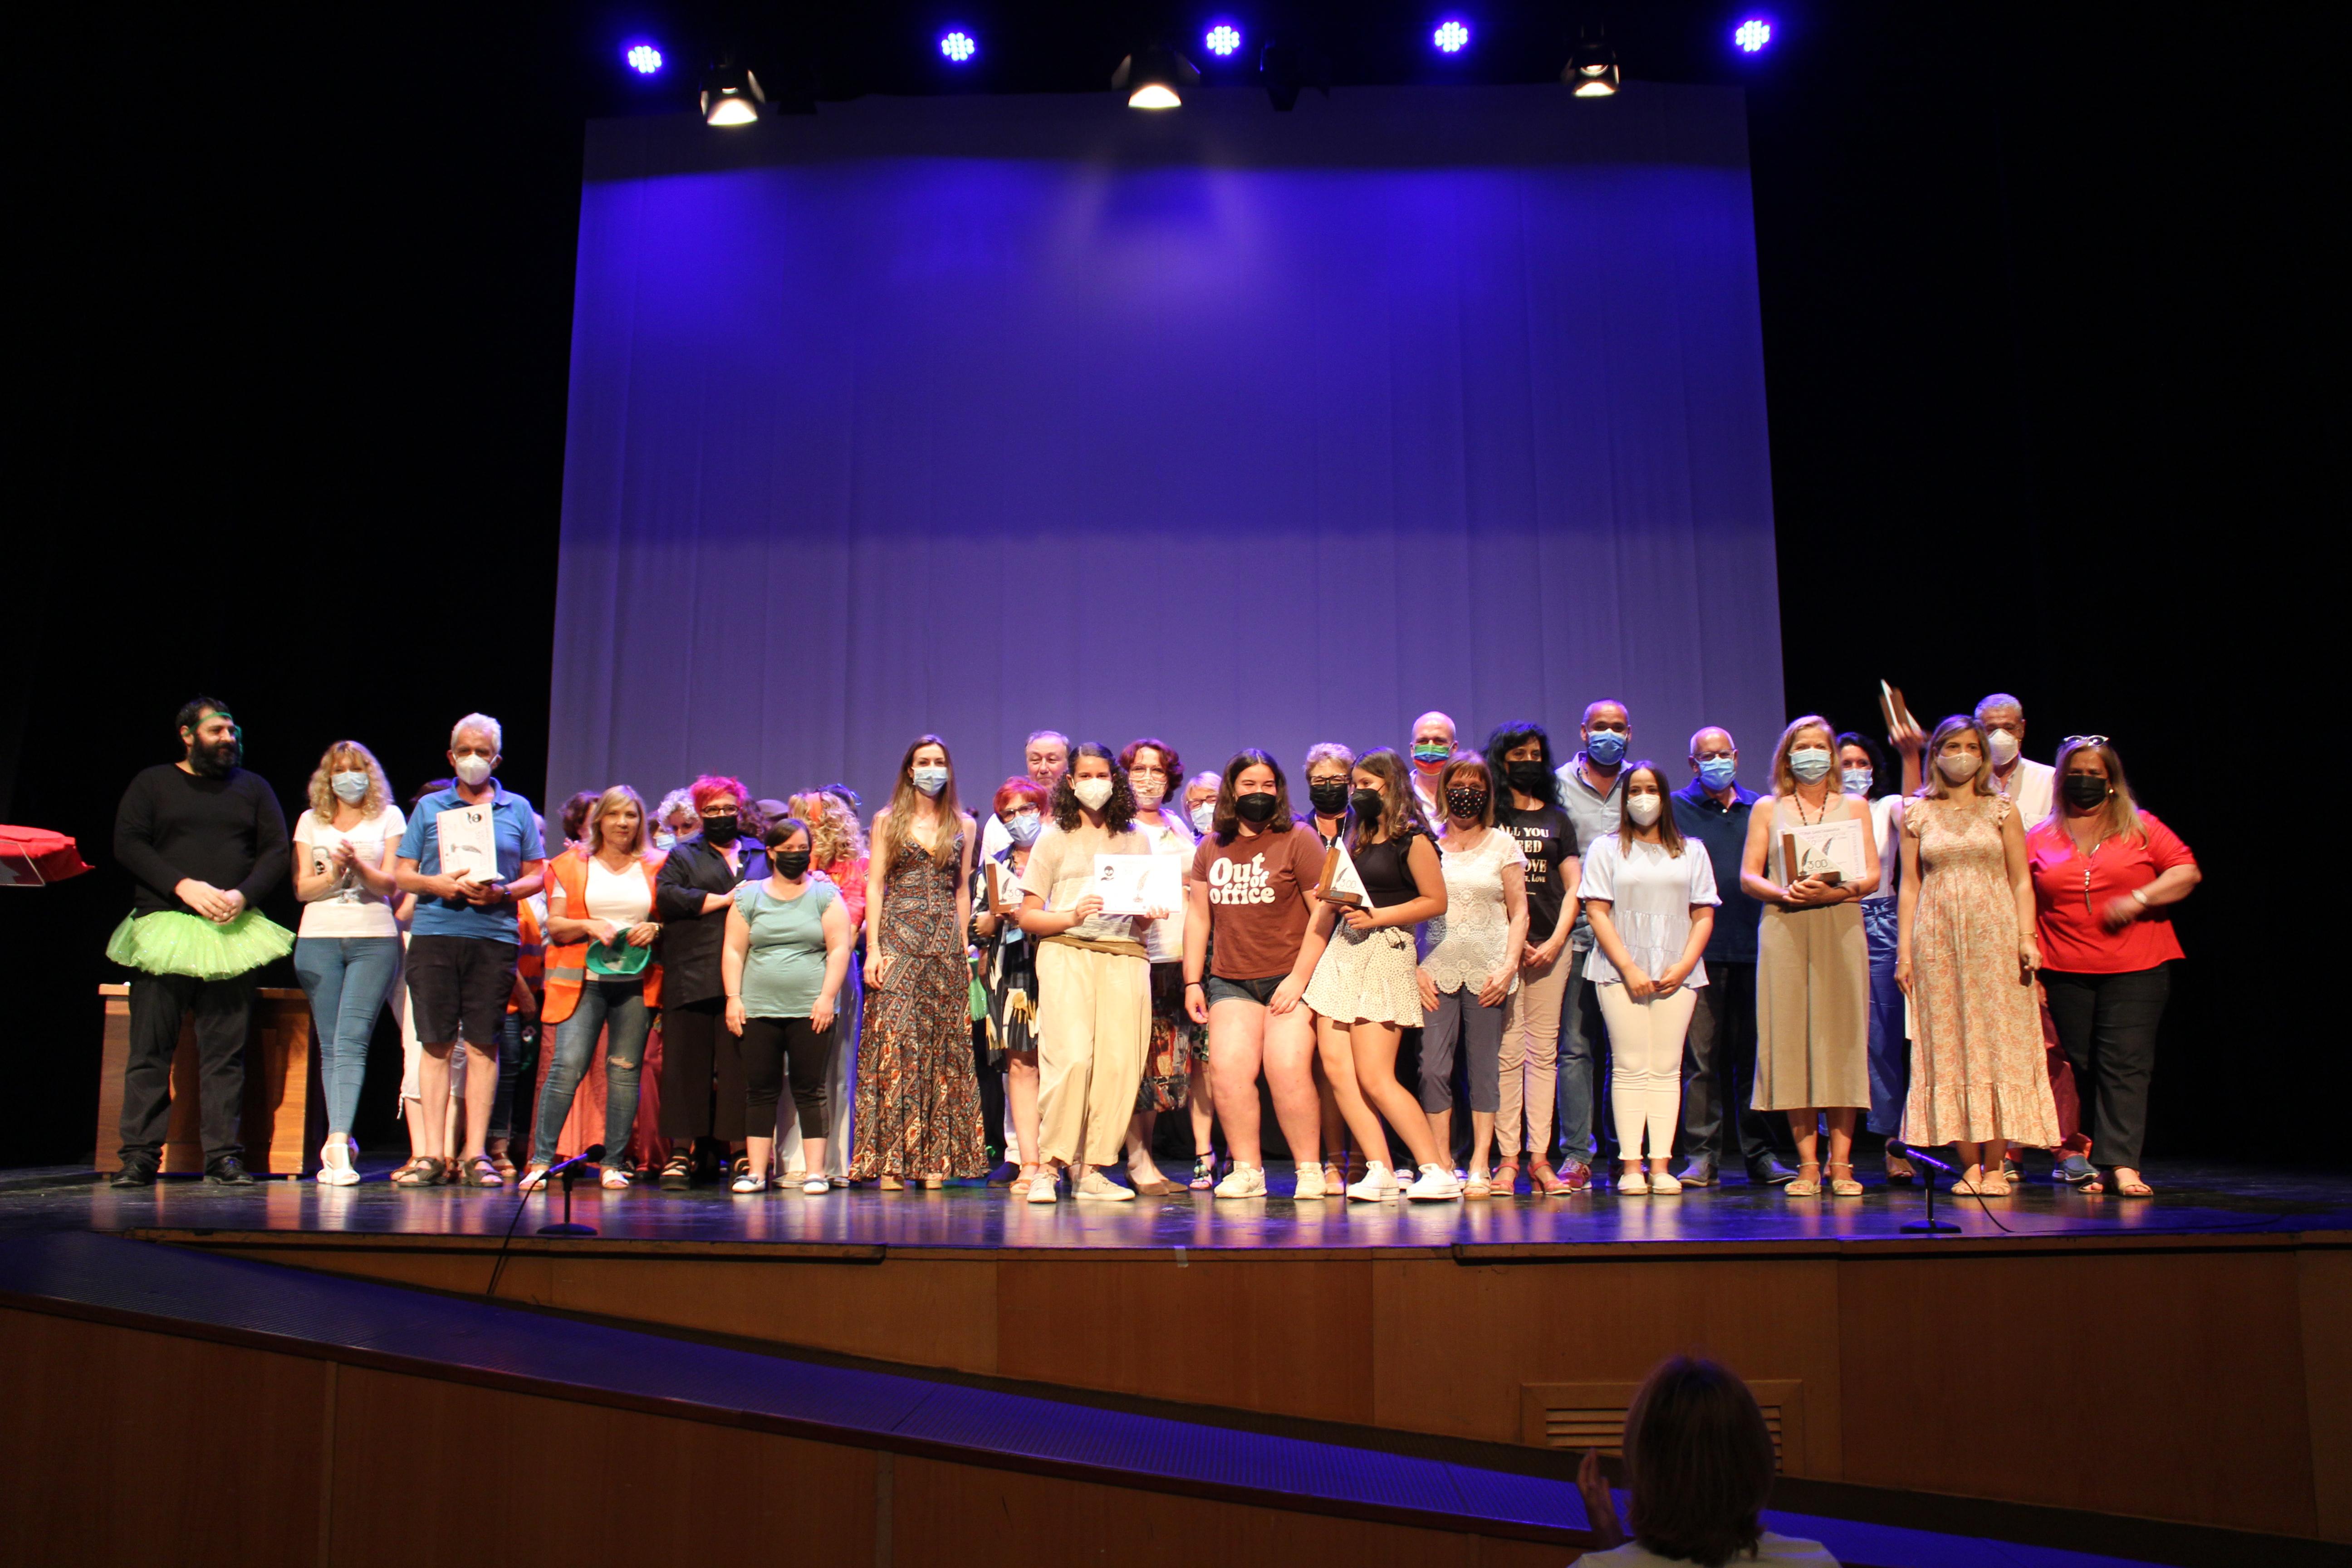 """Foto """"Una nit al sambori"""", dels deniers Desficaci Teatre, guanya el premi del públic &#..."""